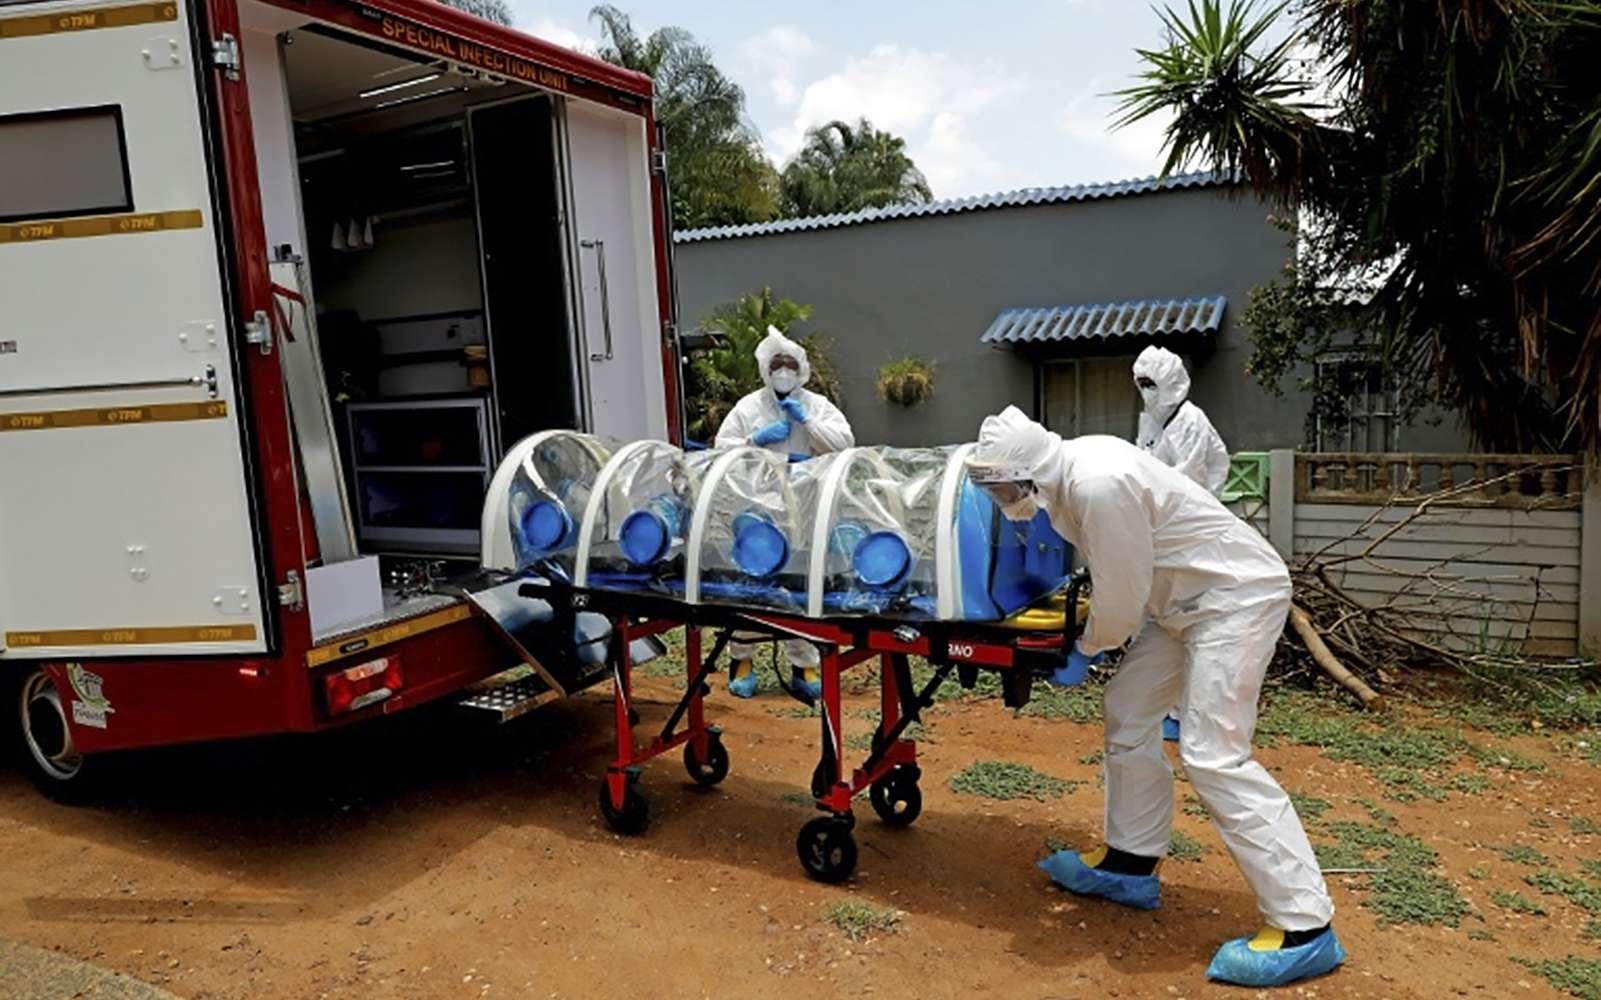 Un homme présentant des symptômes de la Covid-19 est transporté dans une ambulance, le 15 janvier 2021 à Pretoria, en Afrique du Sud. © Phill Magakoe, AFP, Archives